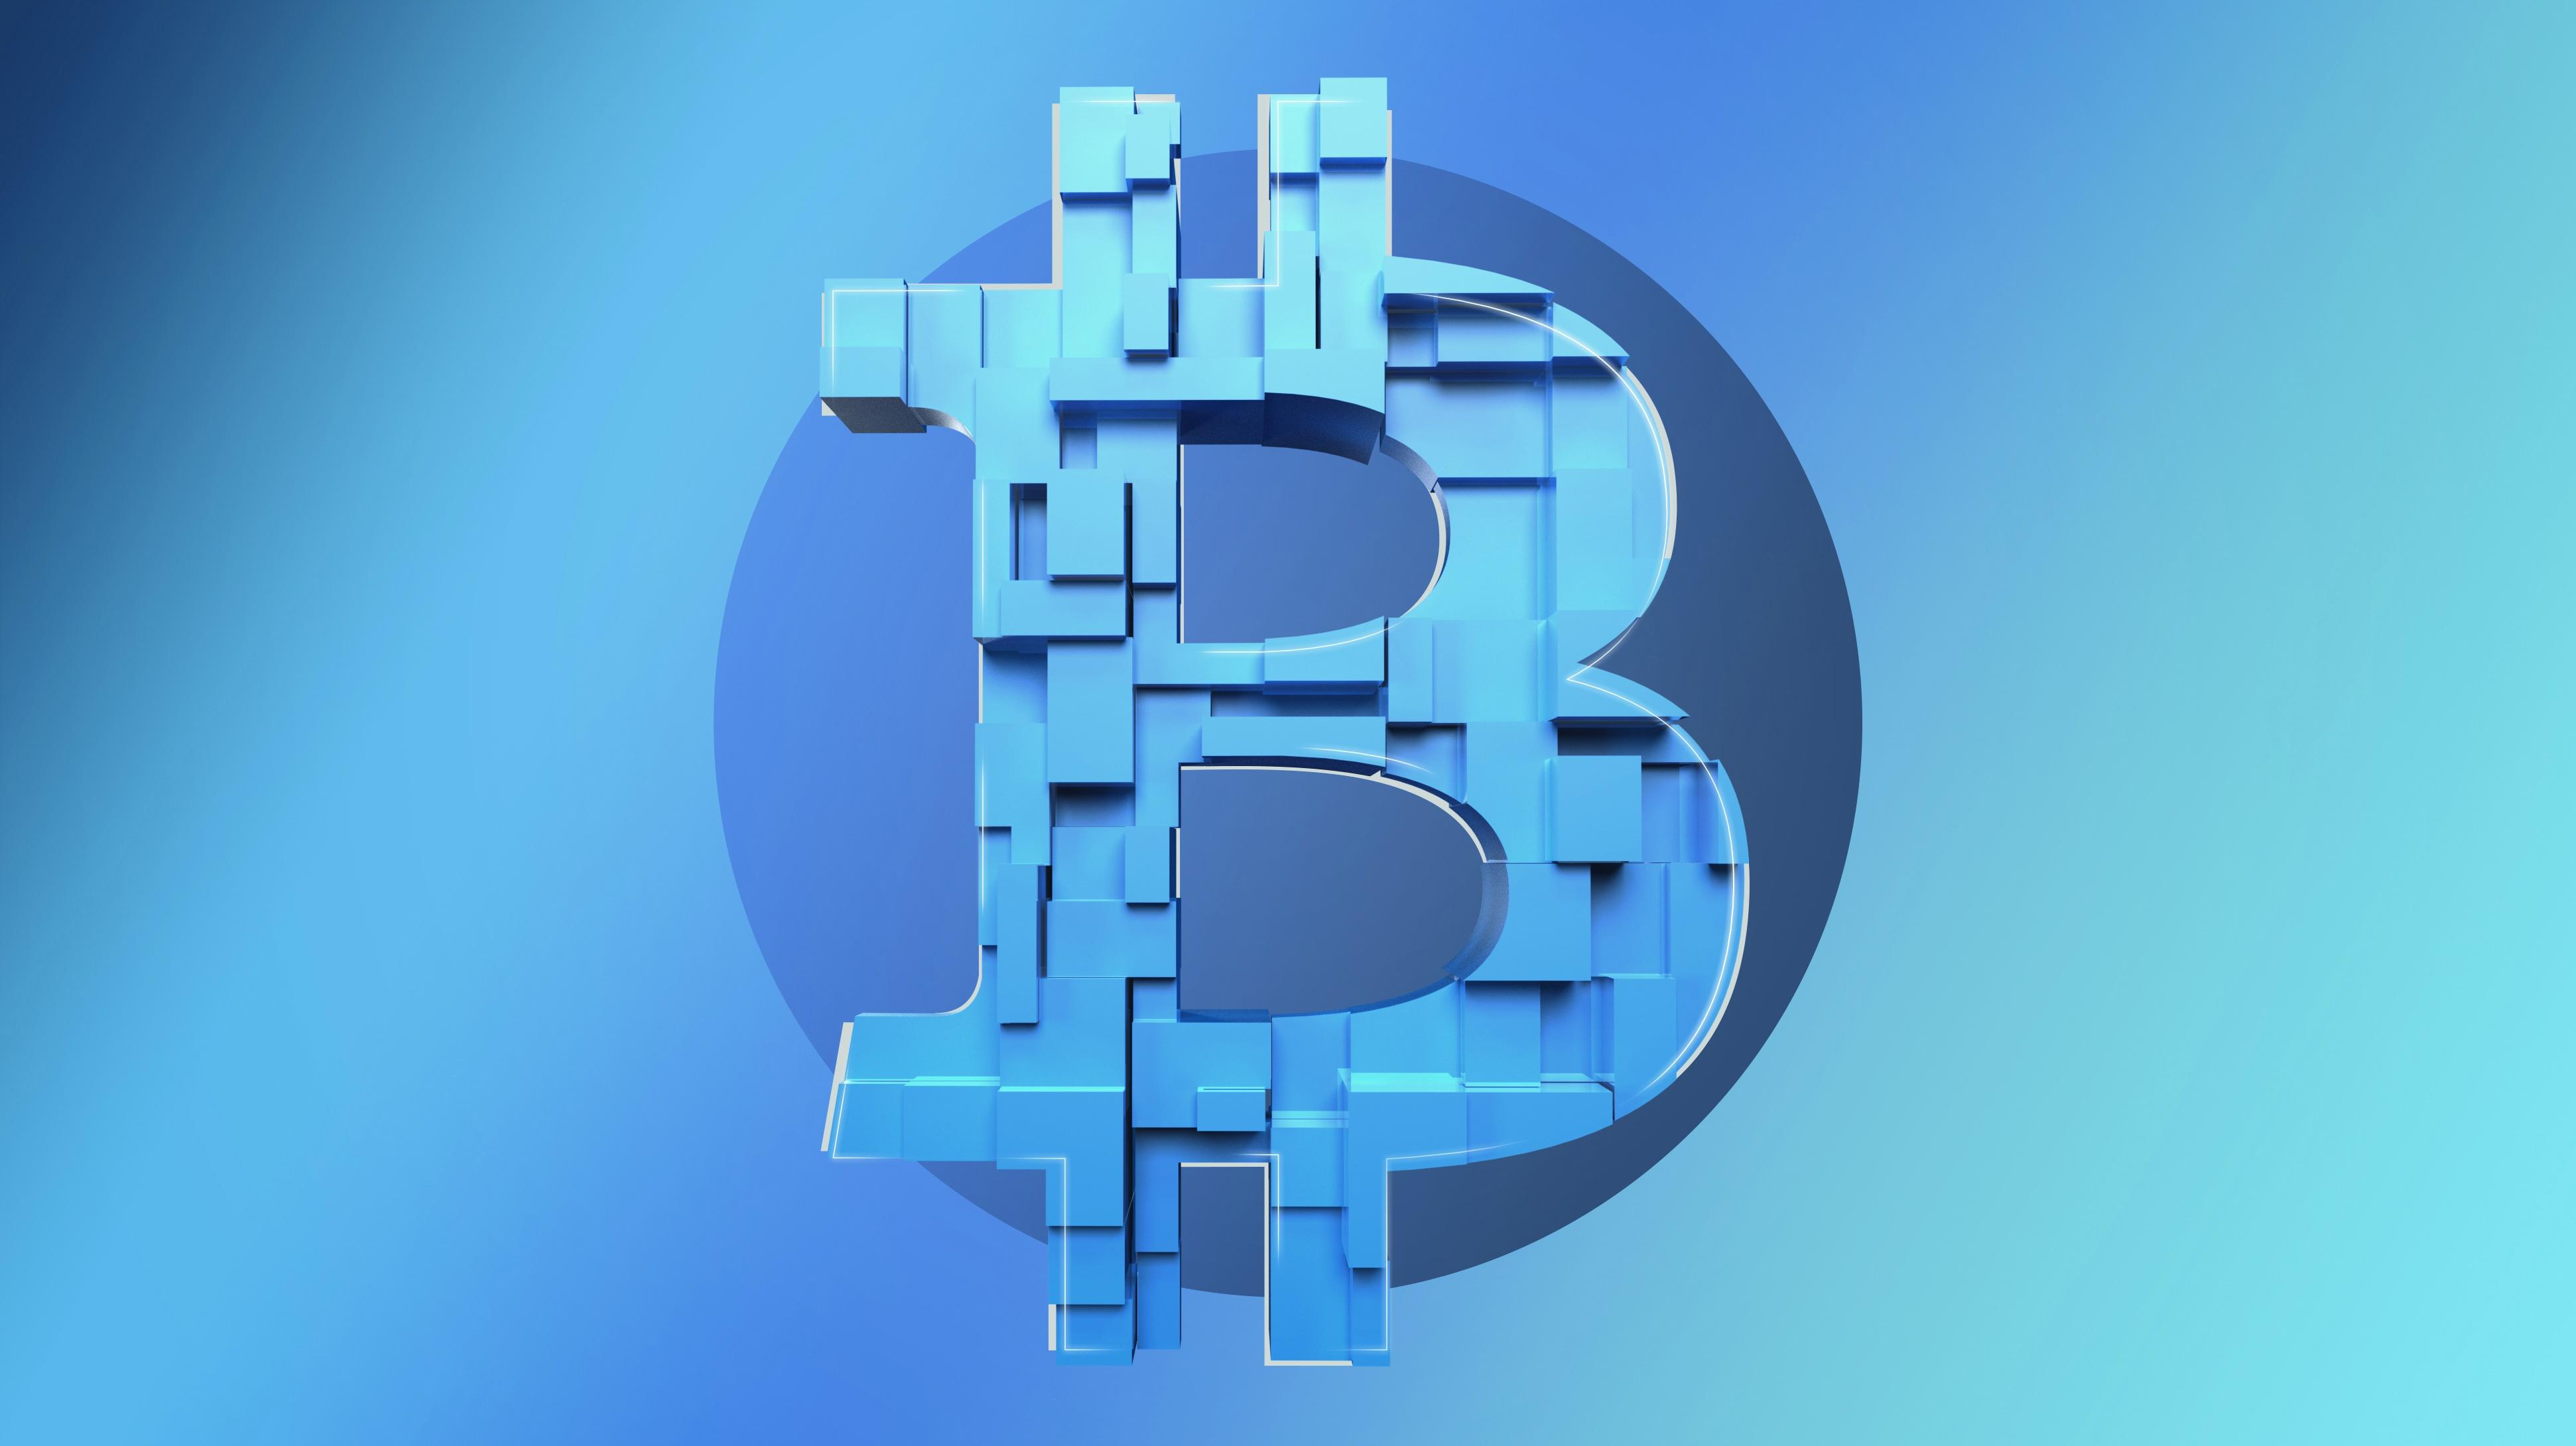 比特币 BTC背景图片 高清壁纸 其他壁纸-第2张